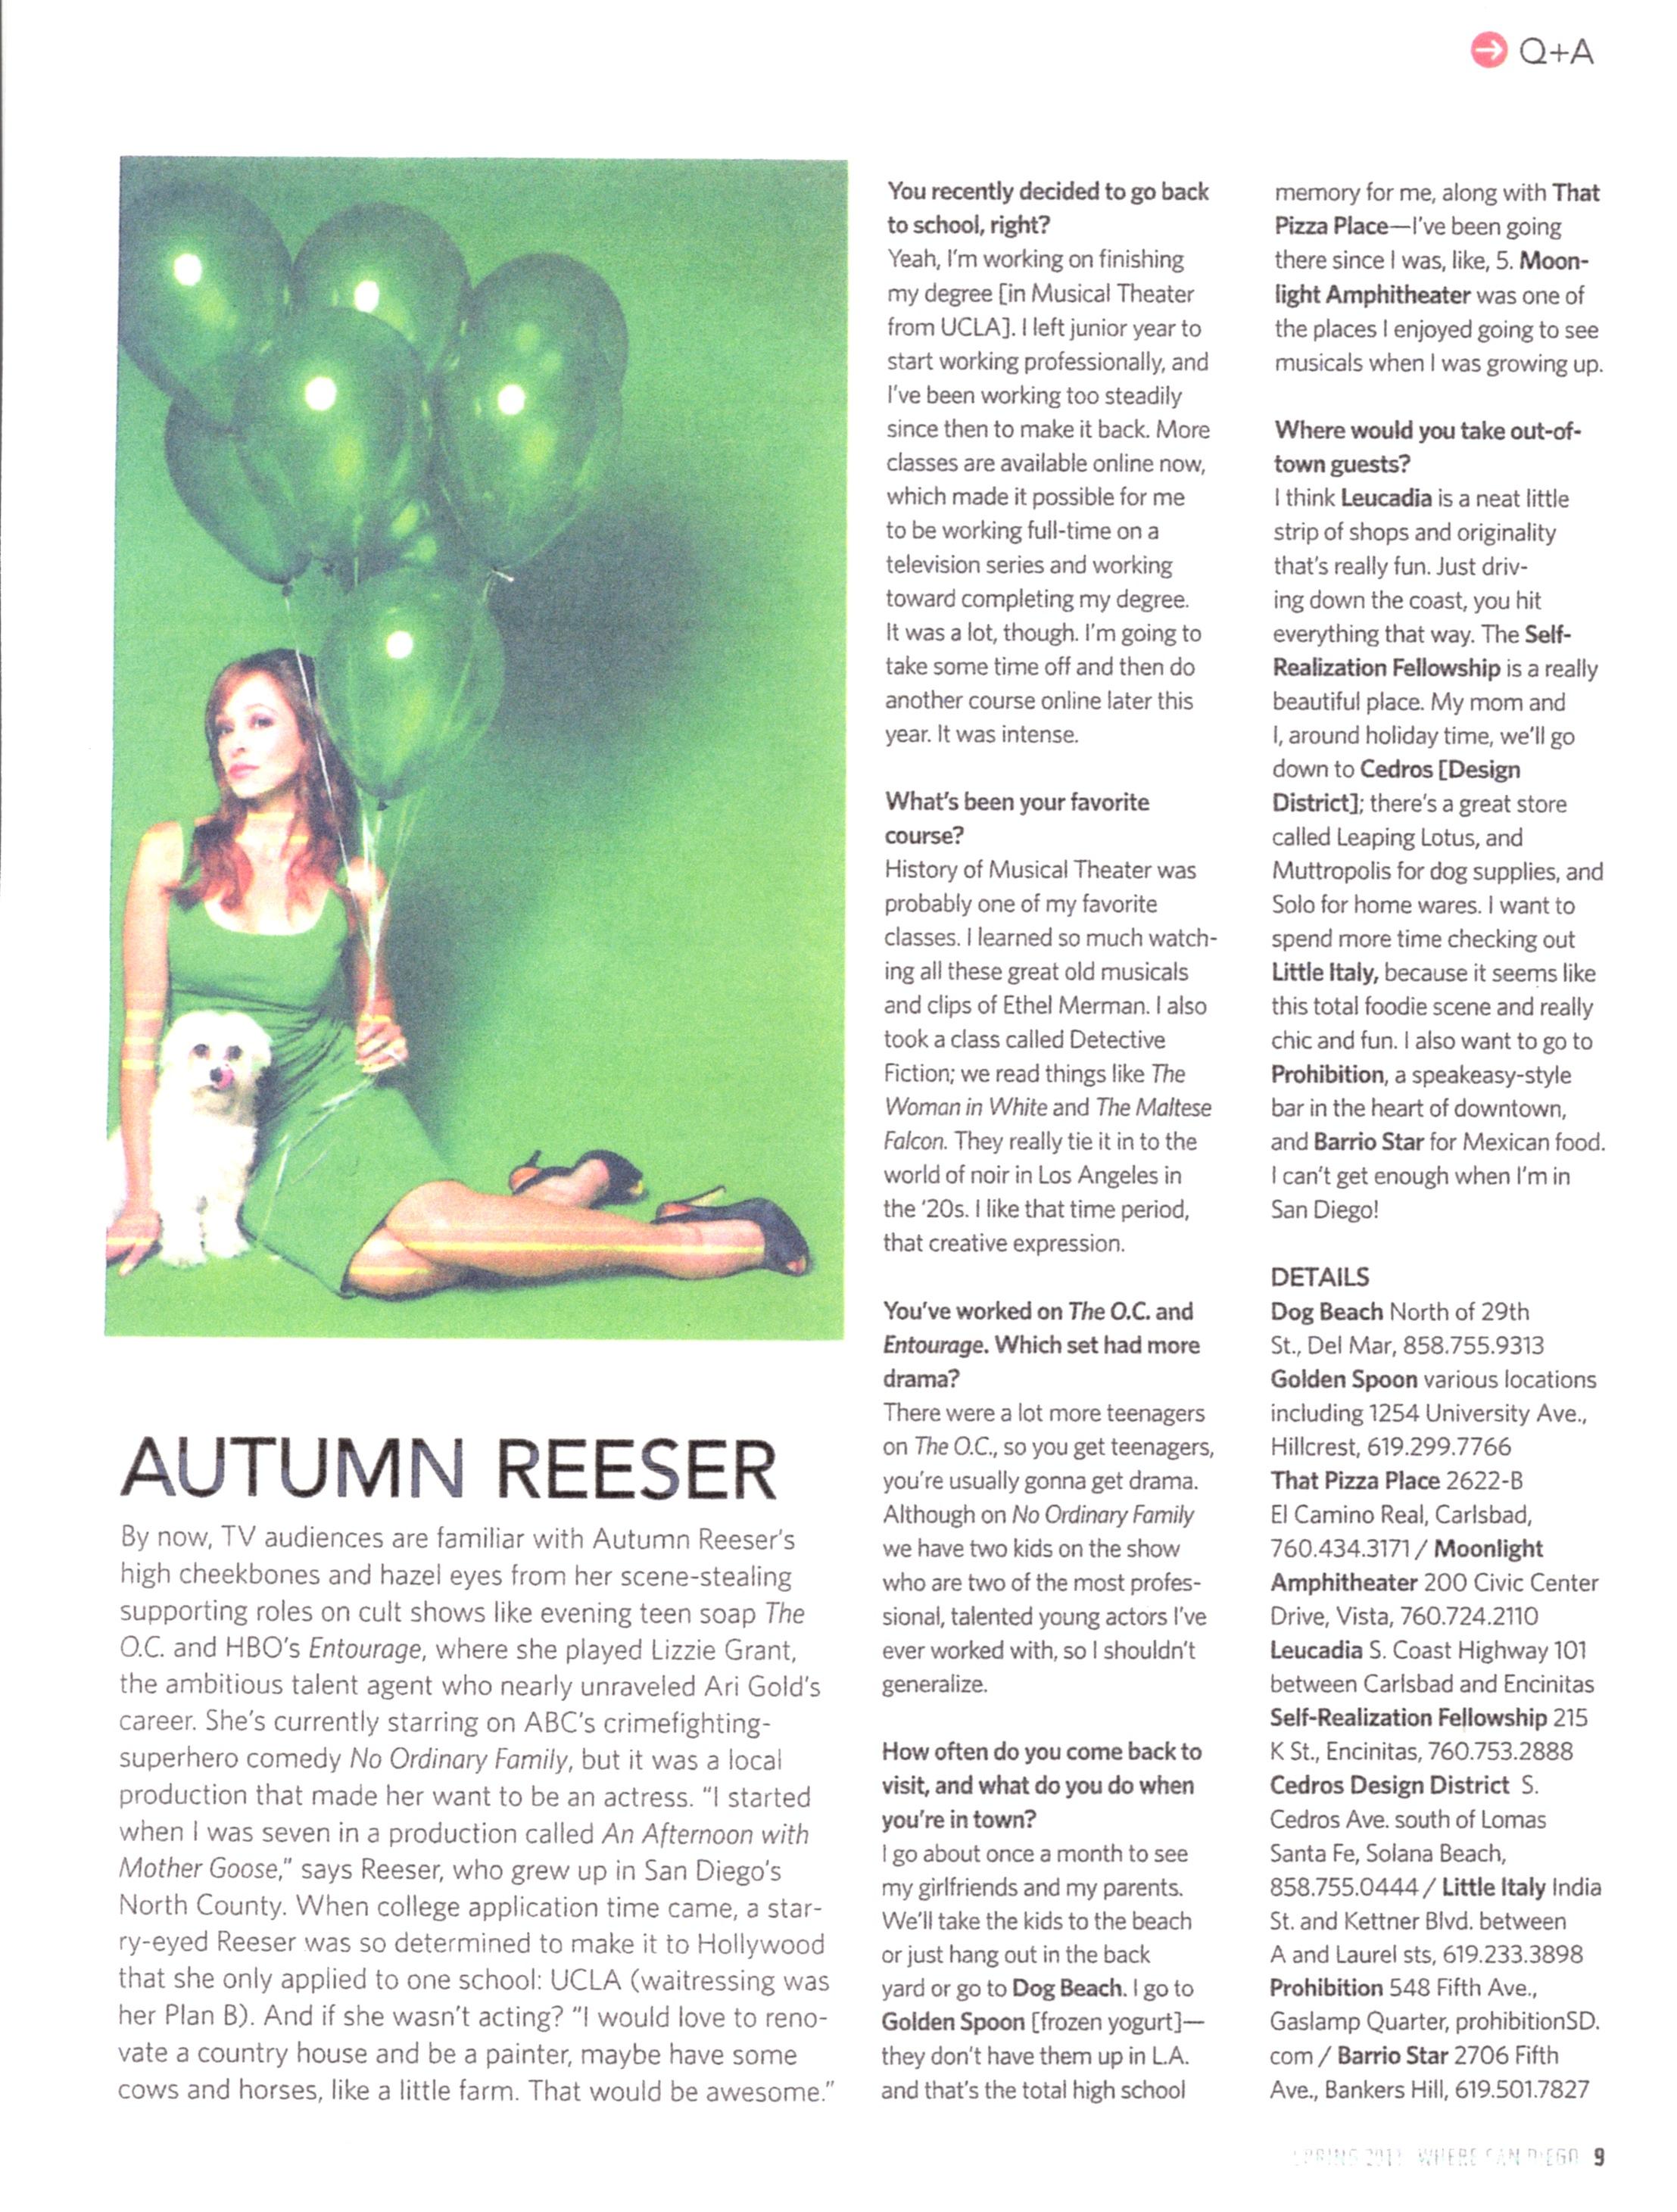 autumnreeser